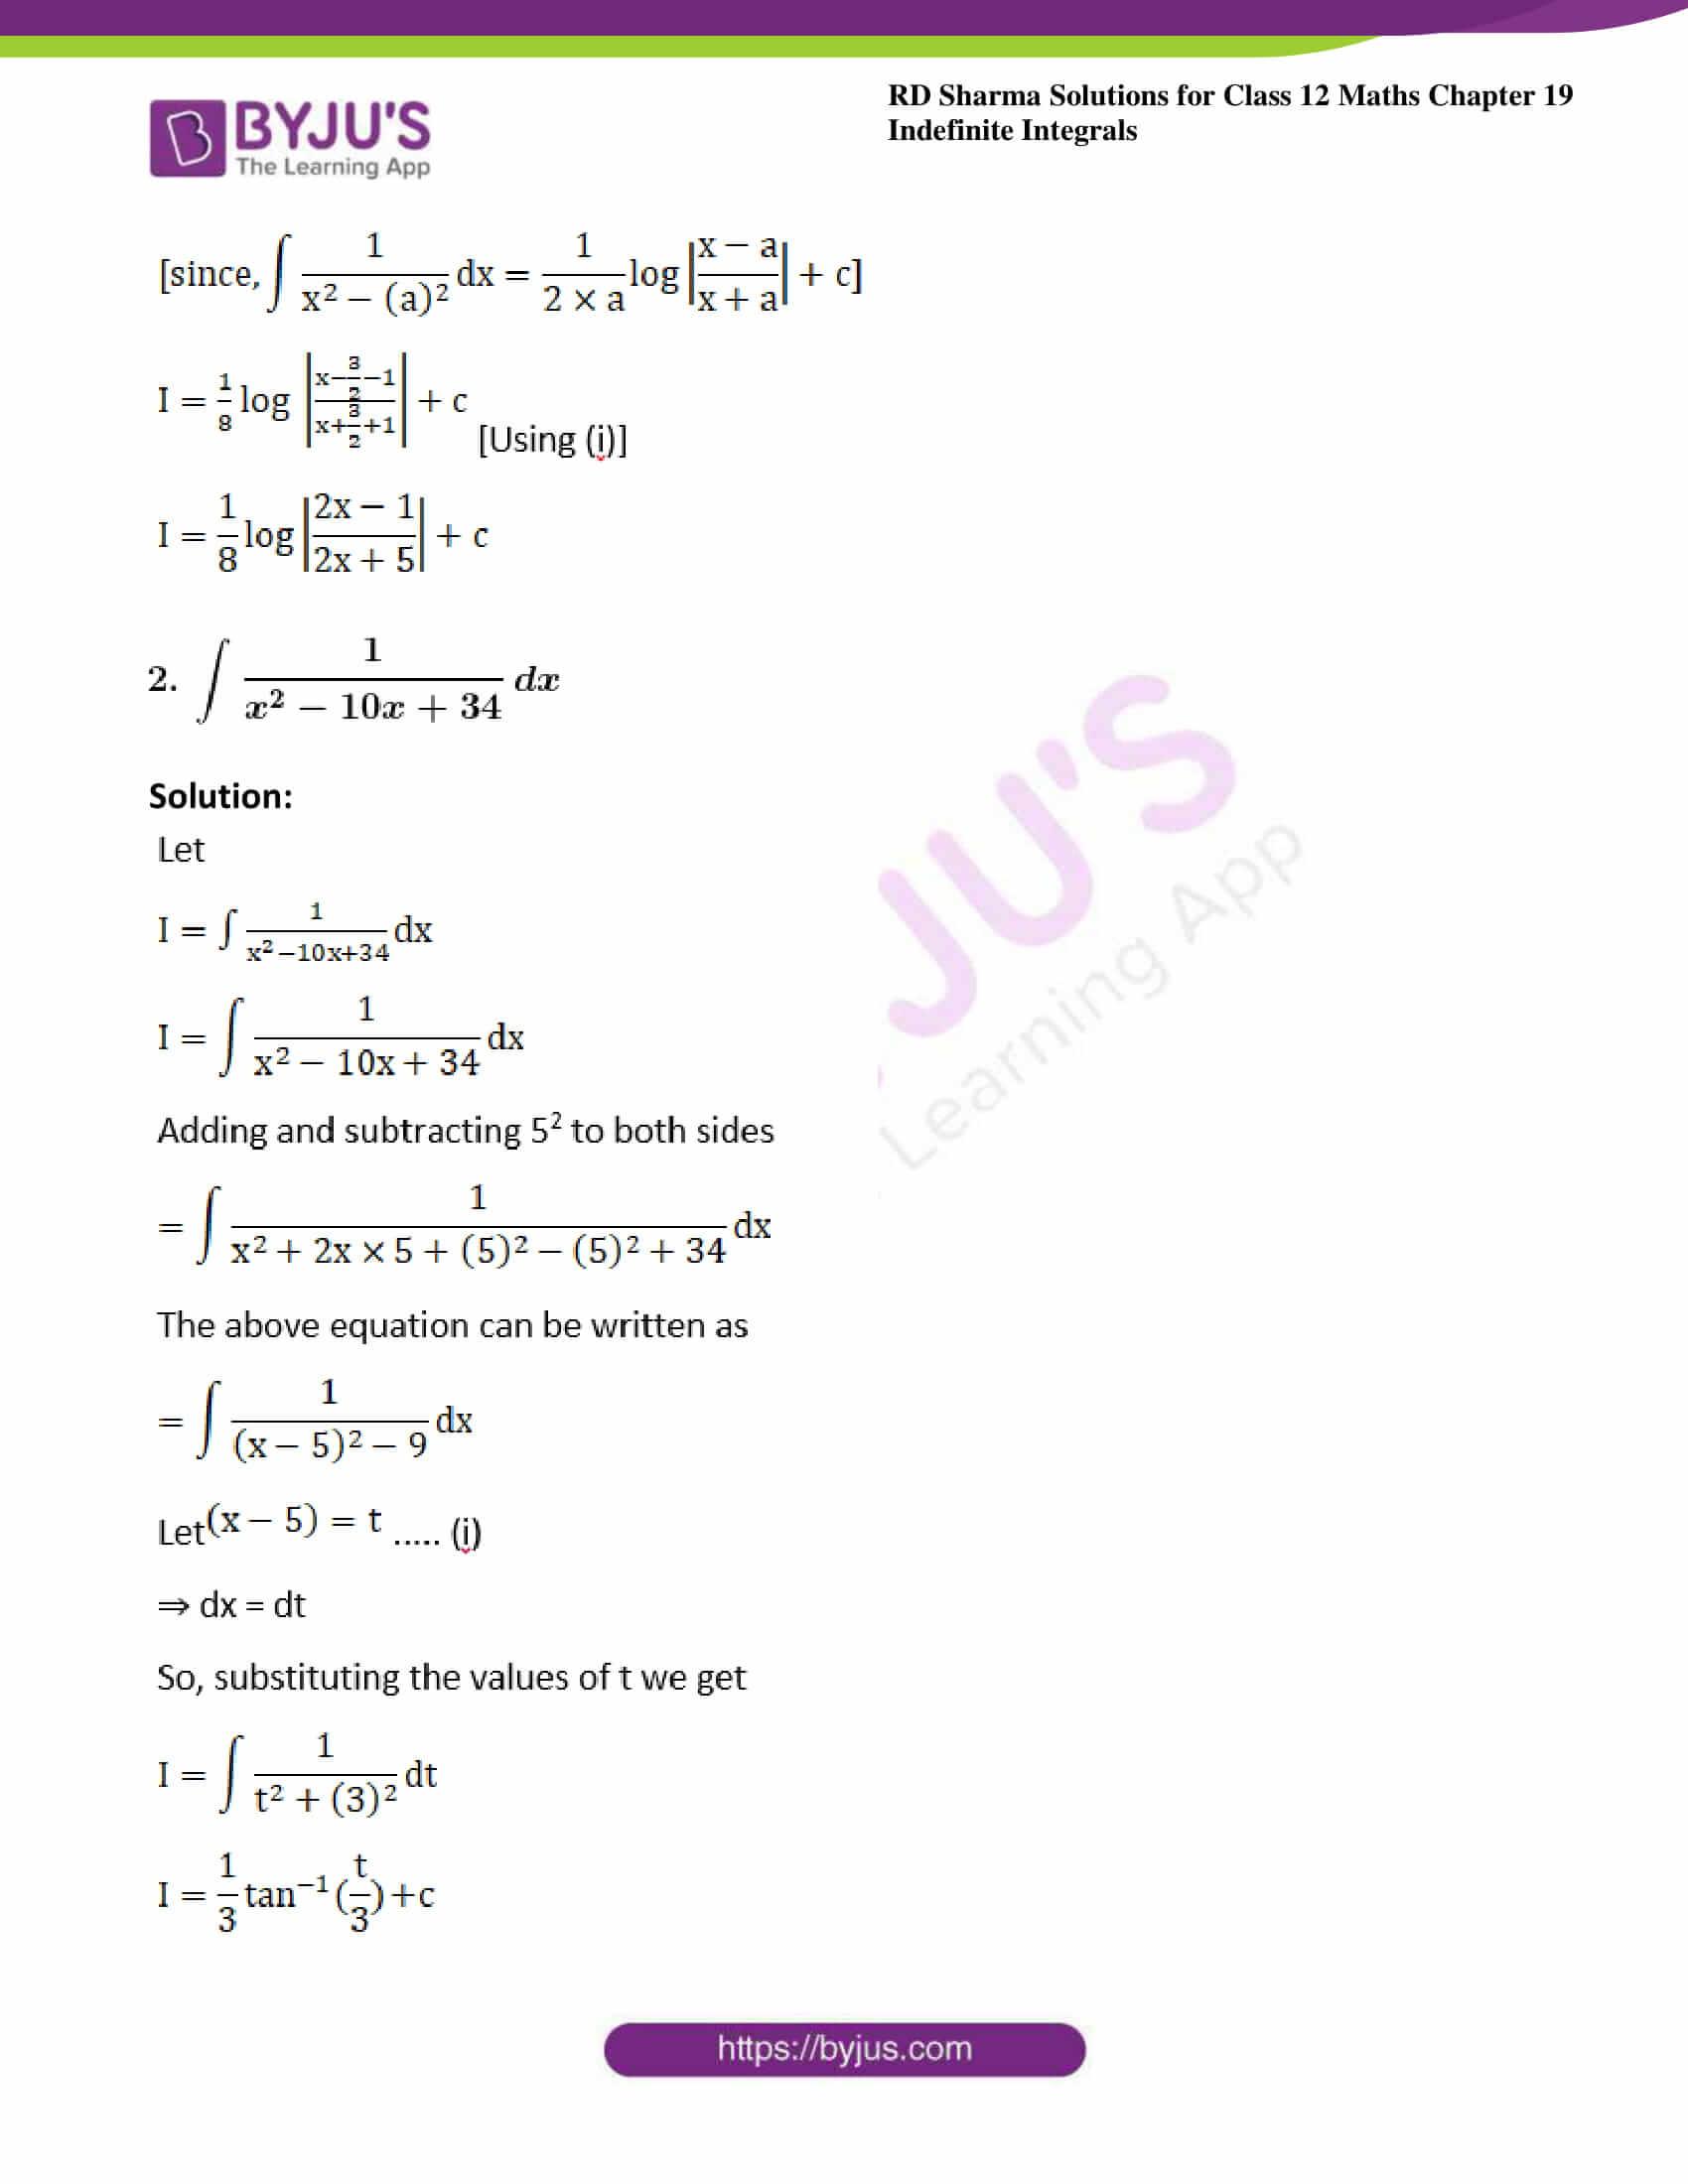 rd sharma class 12 maths sol chap 19 ex 15 2